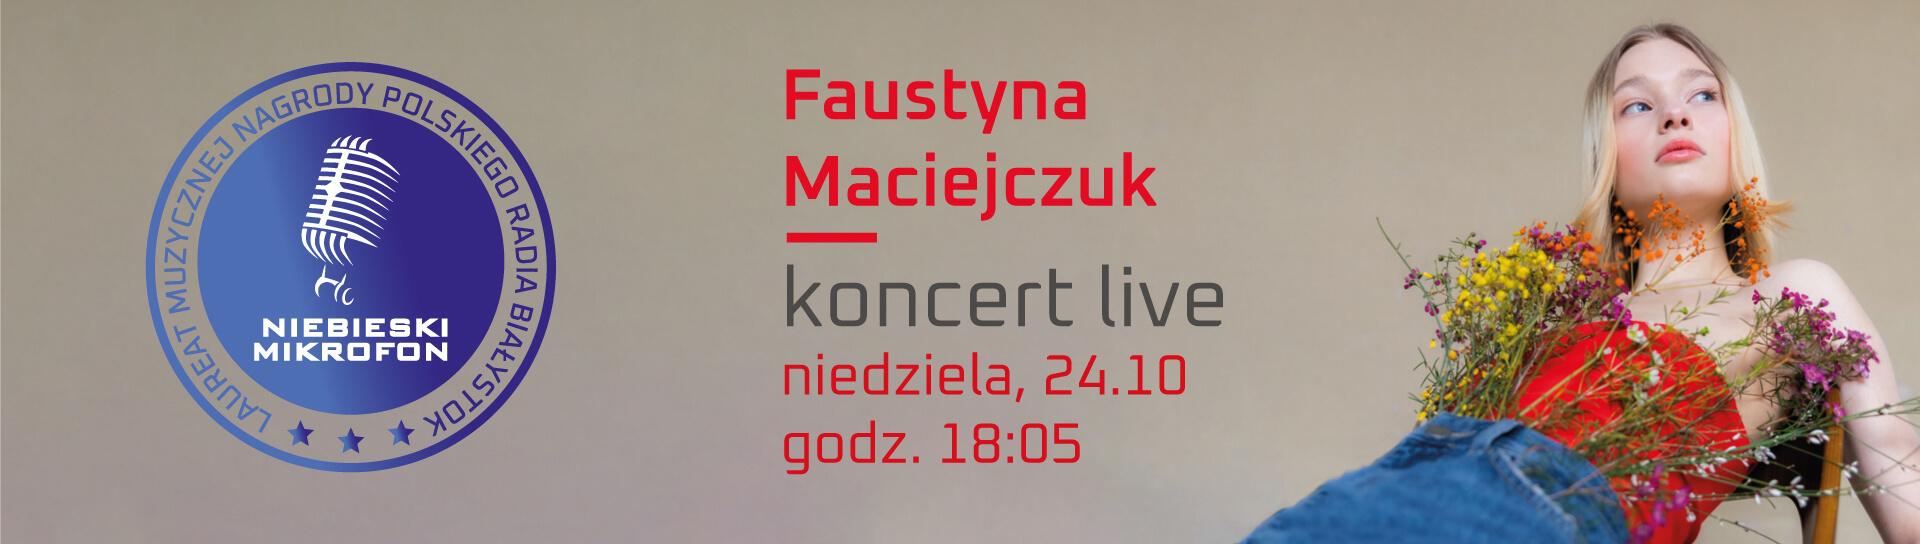 Faustyna Maciejczuk na żywo